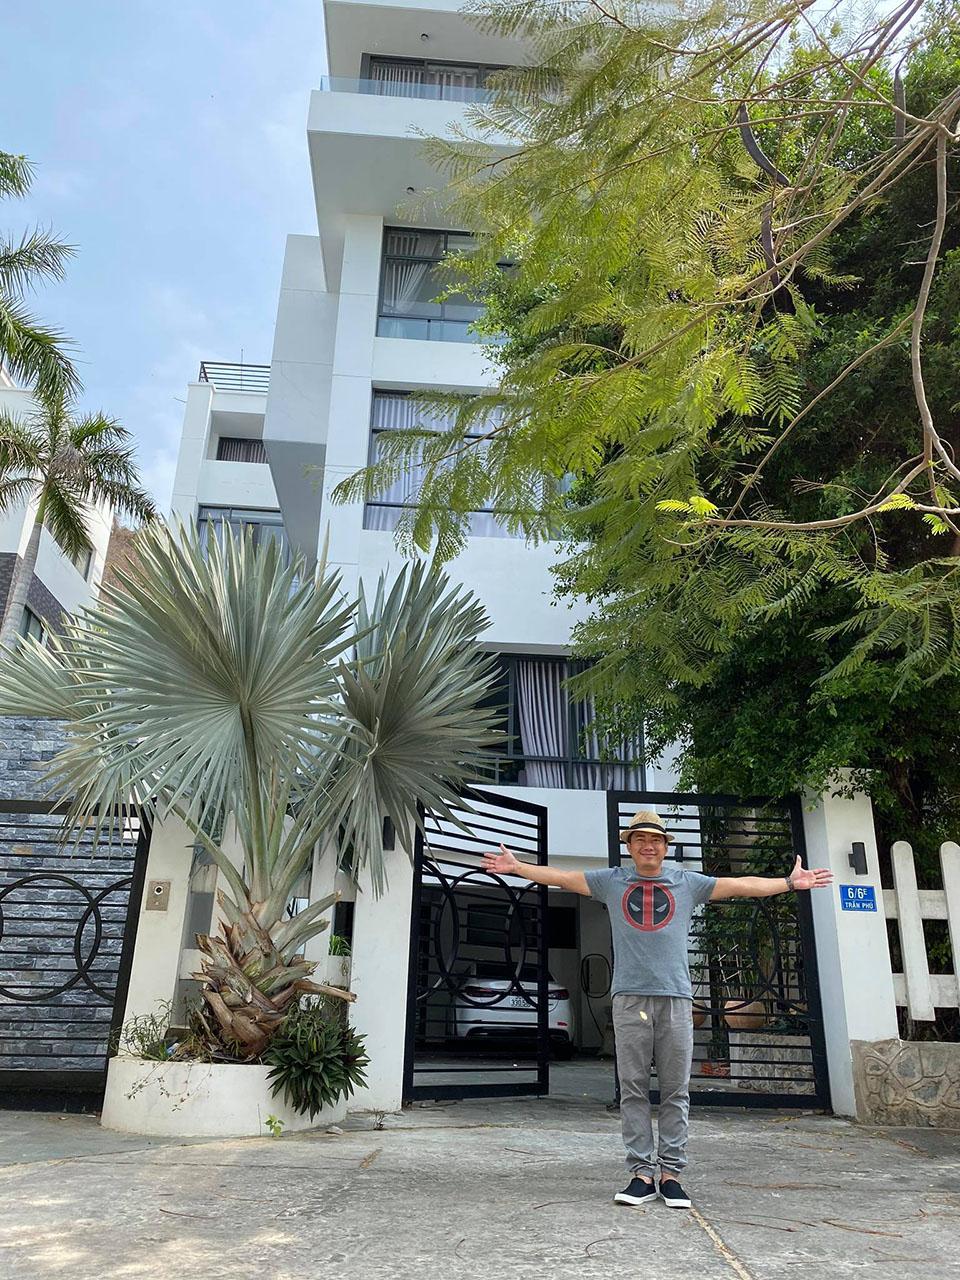 Nam diễn viên lấy vợ đại gia đất Vũng Tàu, sở hữu nhà 7 tầng trị giá 2 triệu đô là ai - anh 4